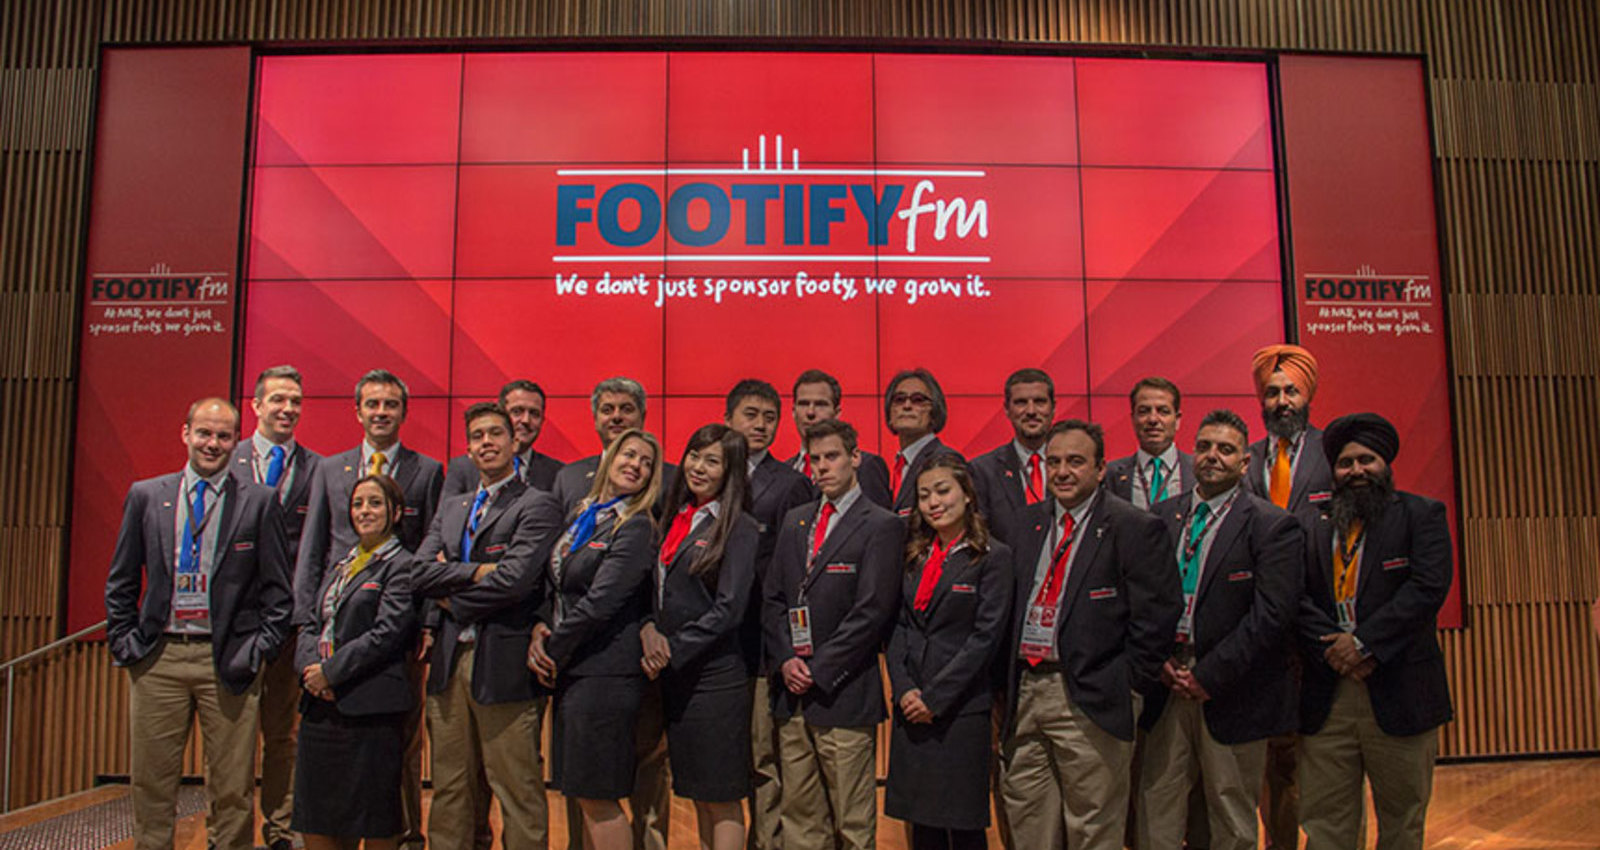 Footify FM